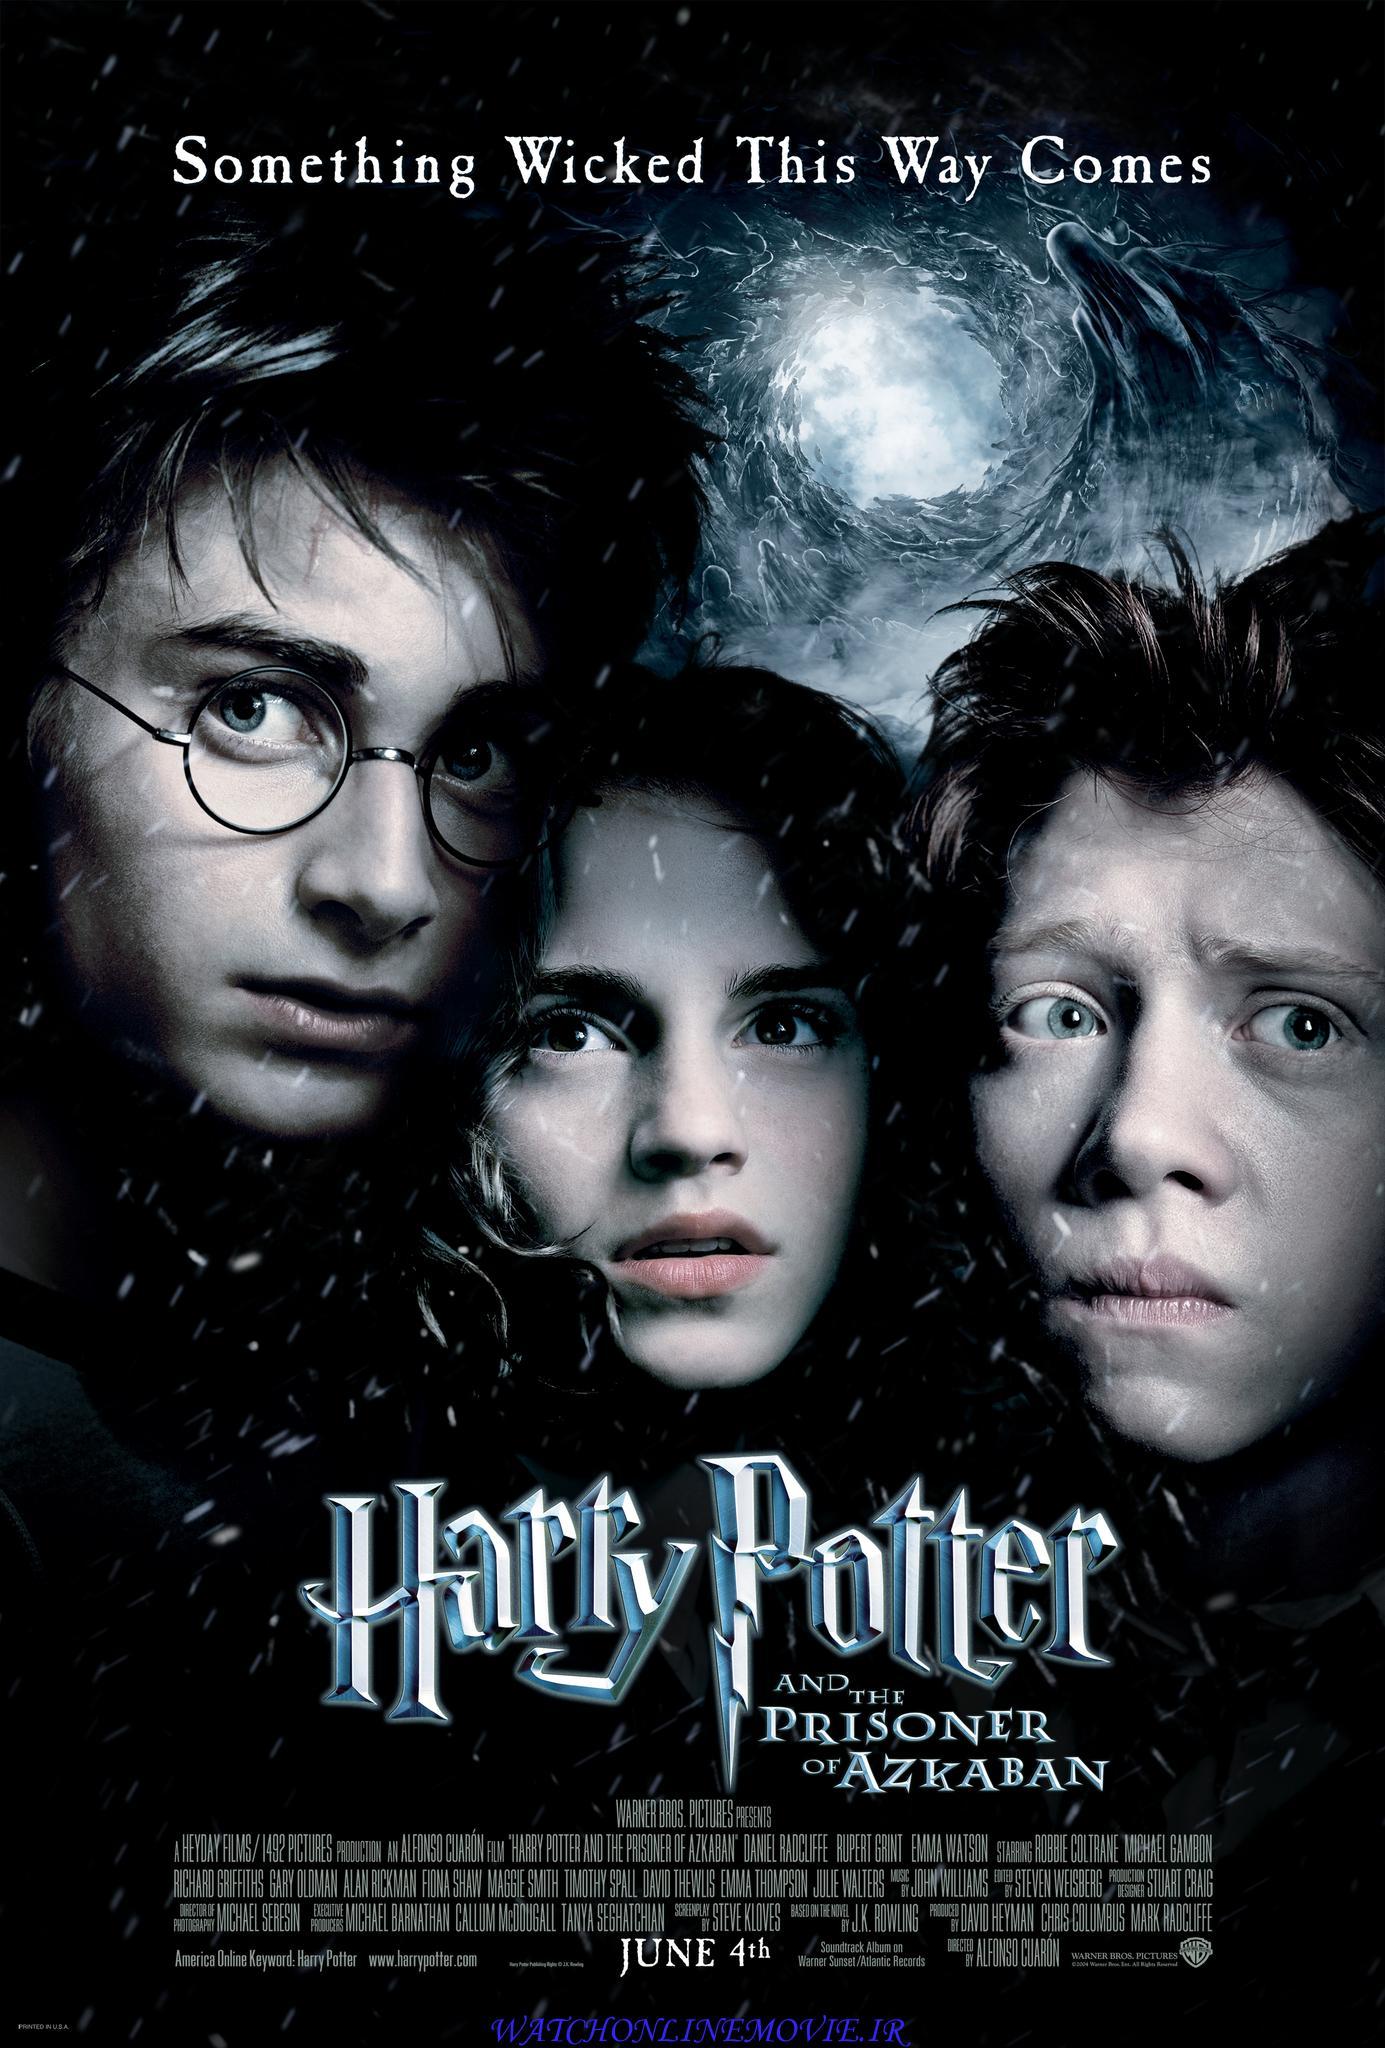 دانلود فیلم هری پاتر و زندانی آزکابان Harry Potter and the Prisoner of Azkaban 2004